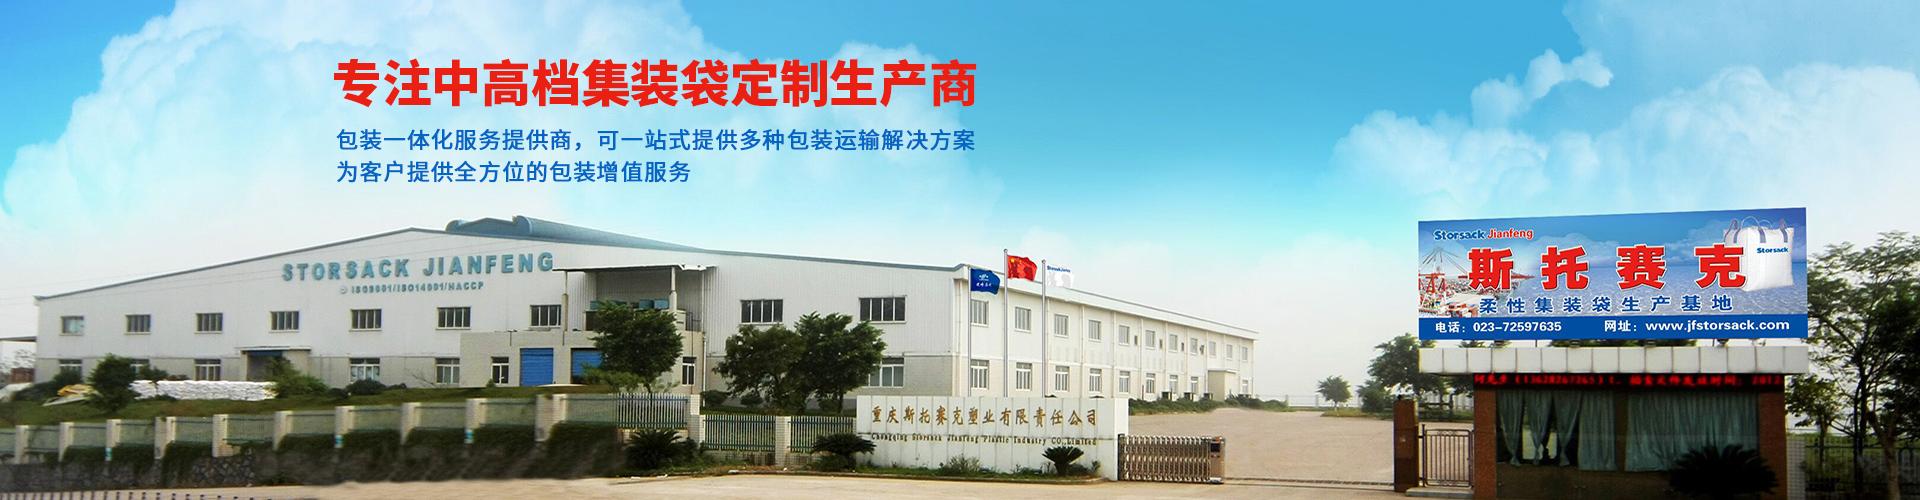 集装袋,集装袋生产厂家,集装袋整袋测试方法,集装袋国家标准